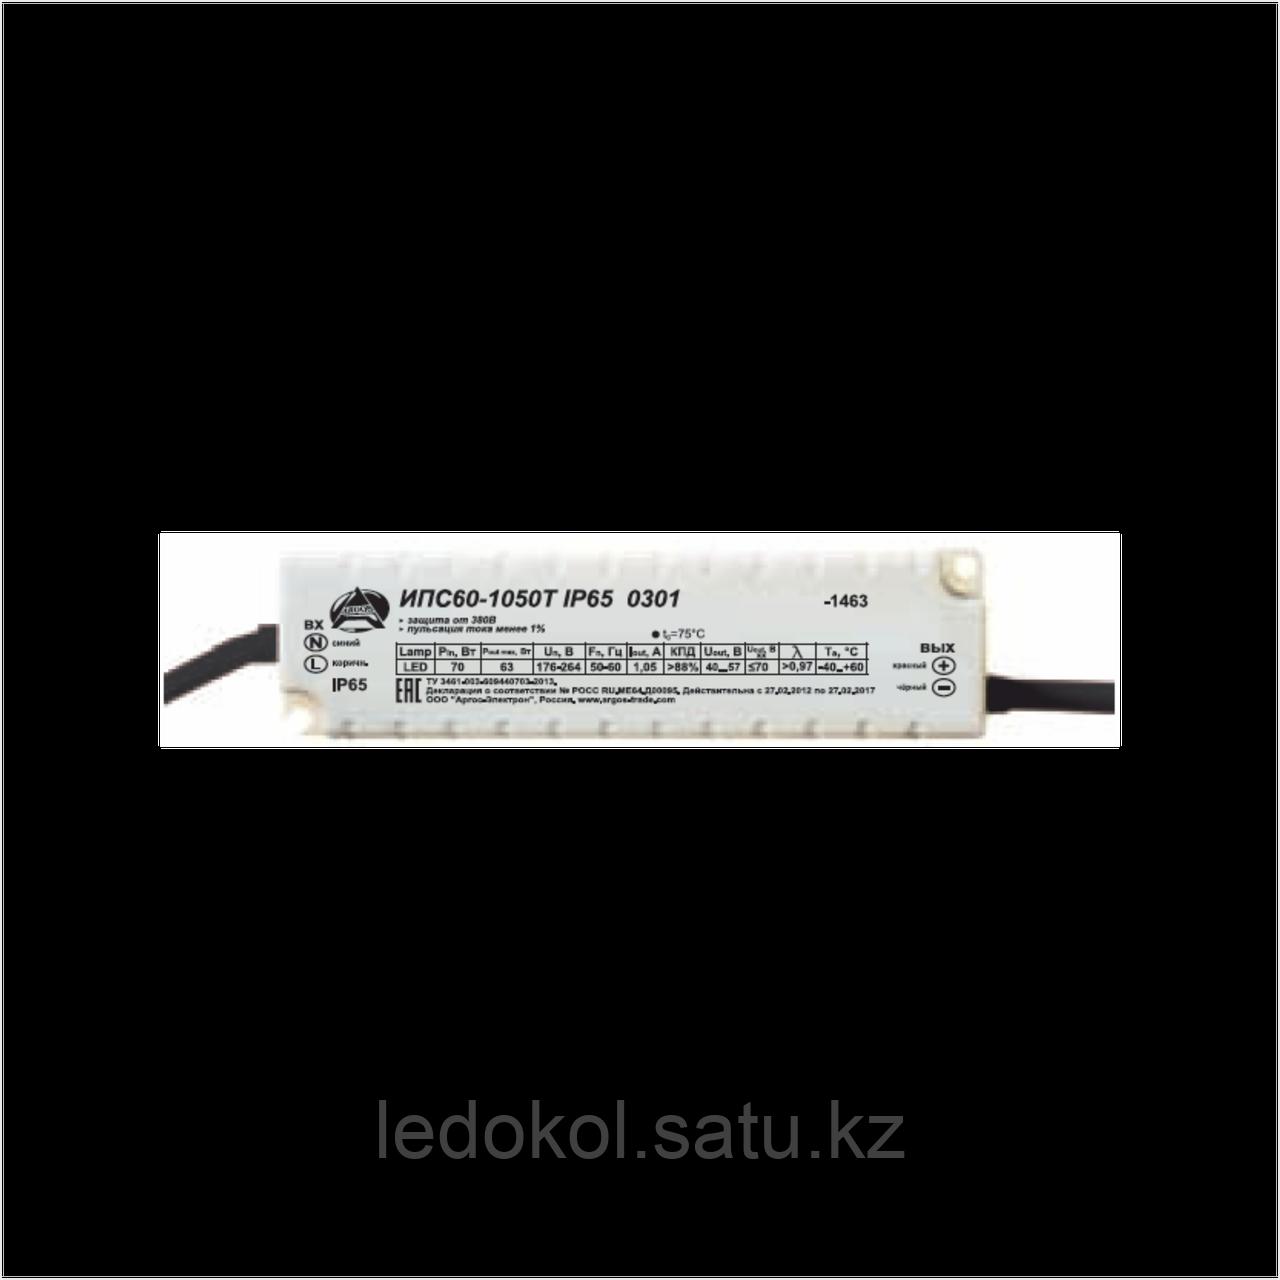 Источник питания Аргос ИПС60-700Т IP67 0305